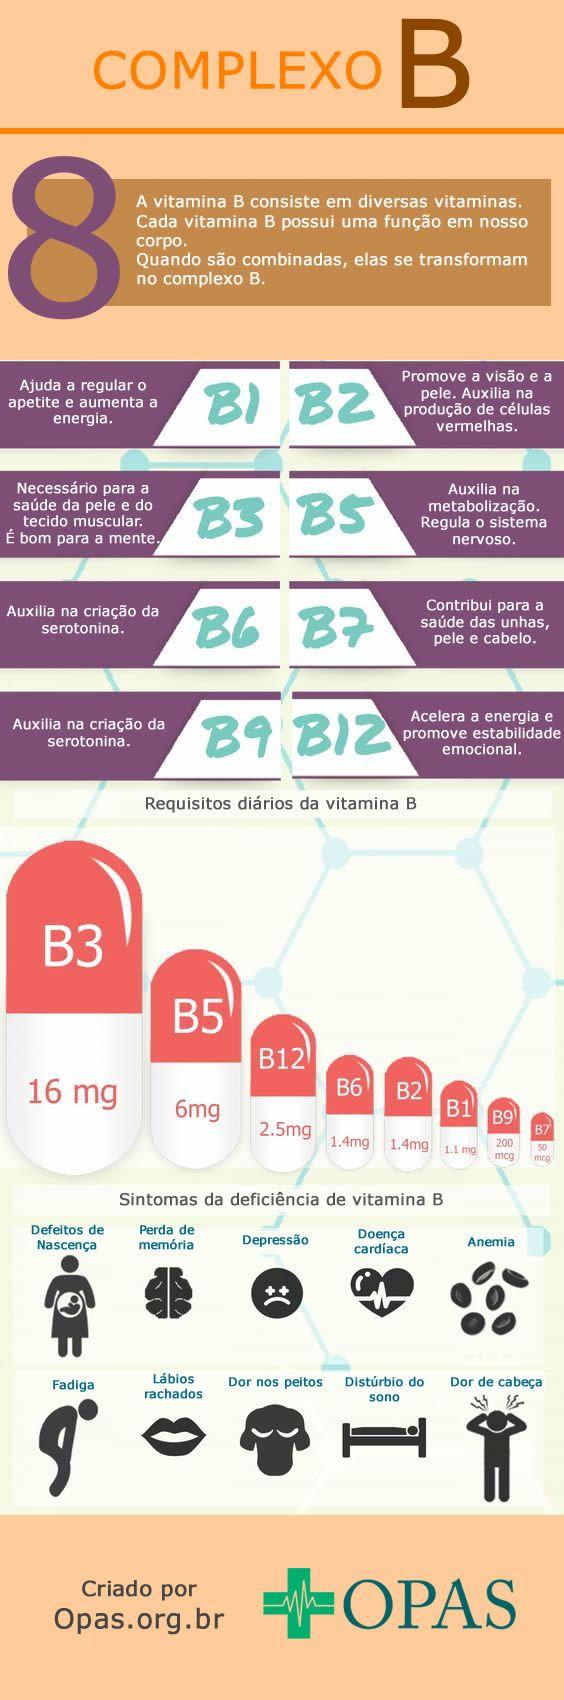 A vitamina B12 é uma importante substância que contribui para a manutenção do metabolismo do sistema nervoso, bem como para que as células vermelhas do sangue permaneçam saudáveis. Esta vitamina também ajuda a reduzir o risco de danos ao DNA, fator bastante positivo para os nossos...